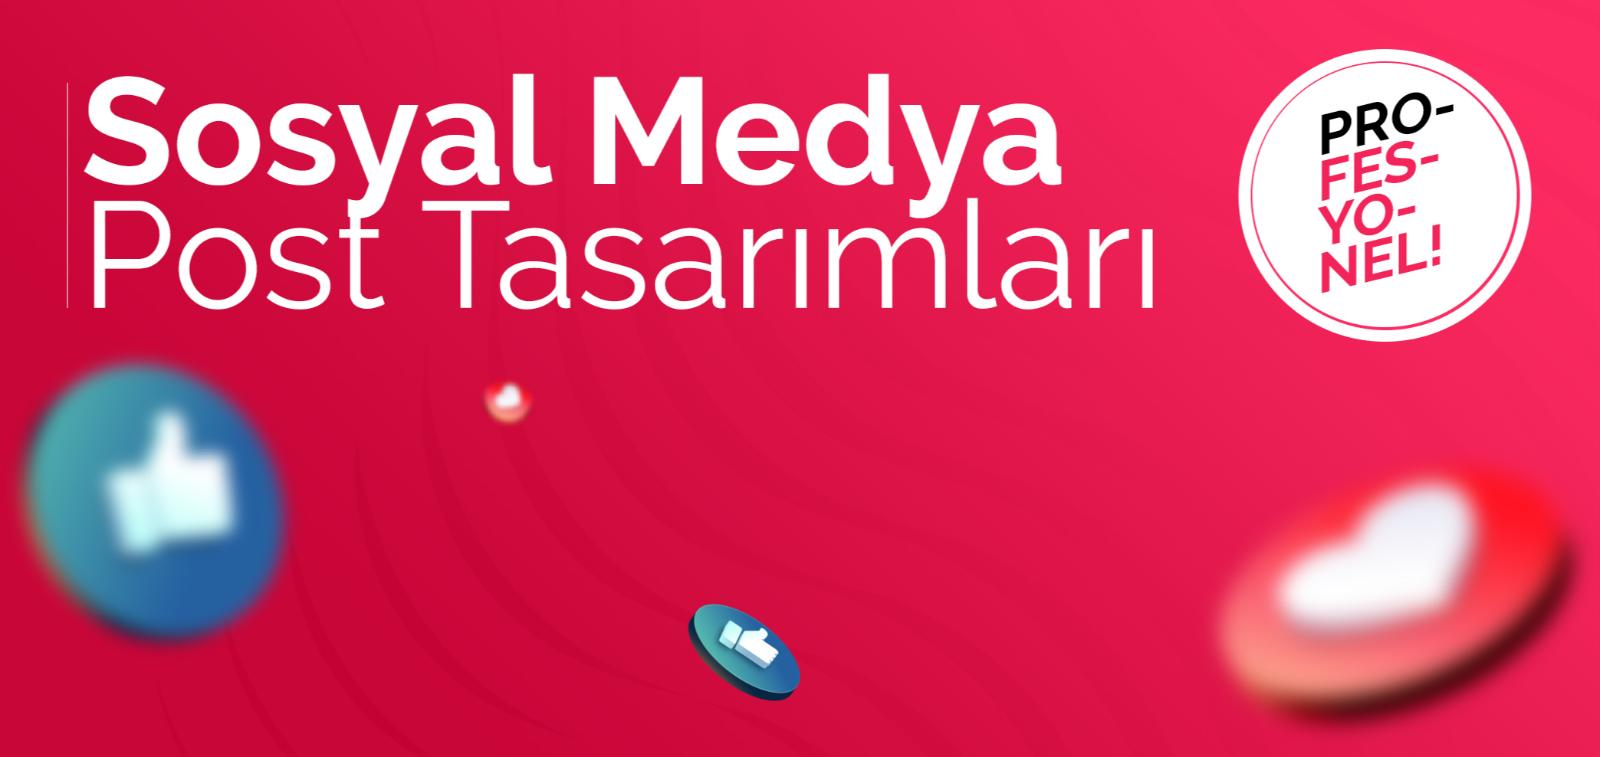 Sosyal Medya Post Tasarımı